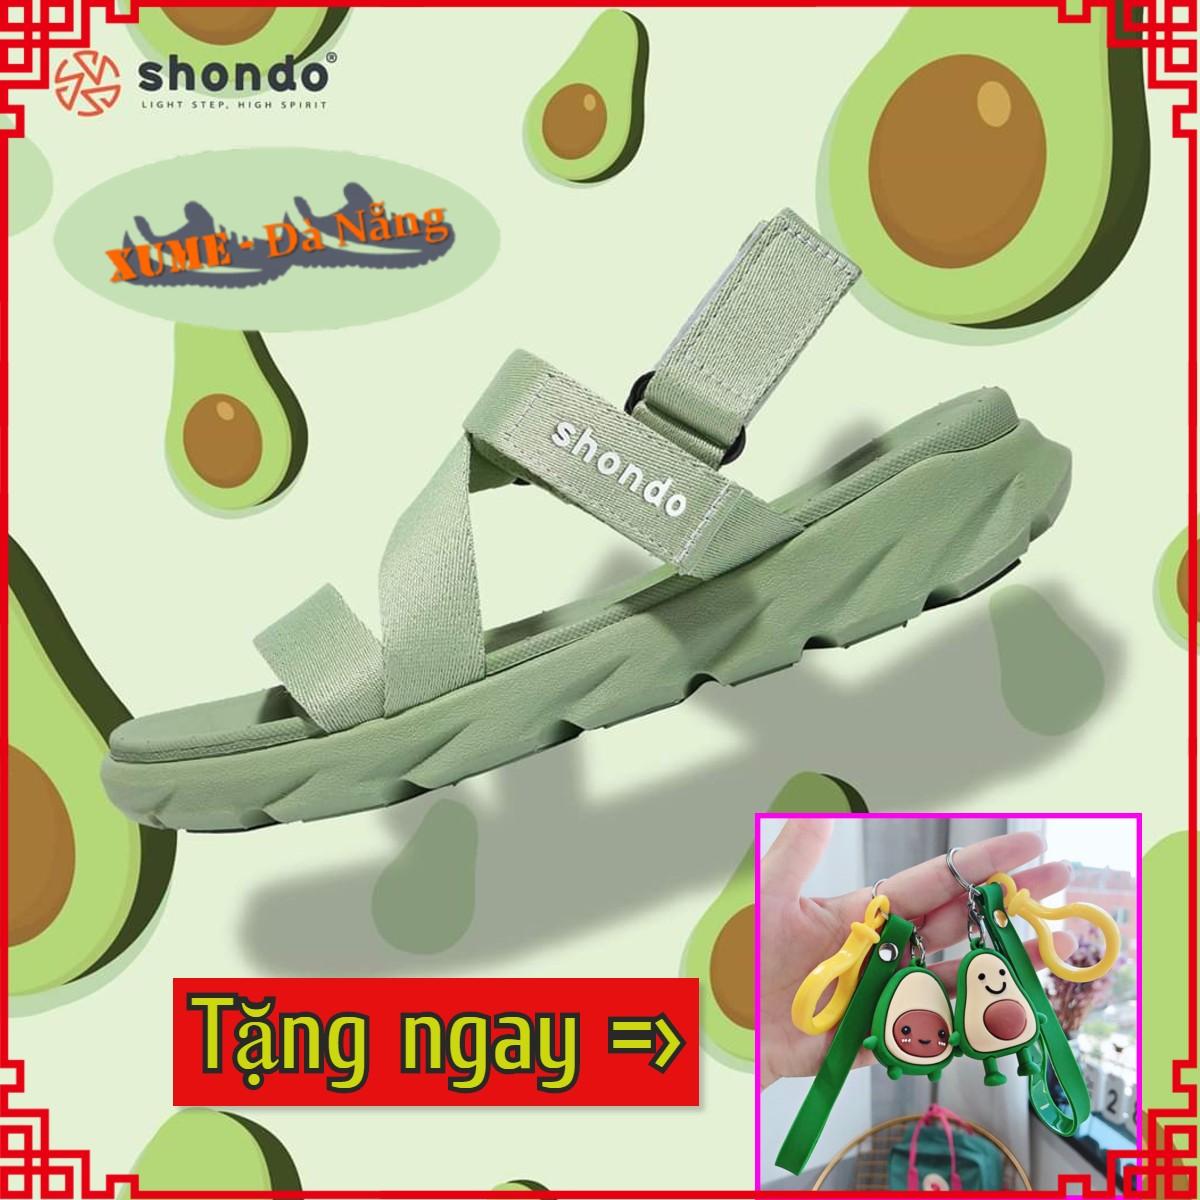 Hot Deal Khi Mua Sandal Nữ Siêu Xinh Shondo - Sandan Màu Xanh Bơ F6S007 - Bảo Hành 12 Tháng - Giày Dép Quai Hậu Ngang đi Học Shat Saado Vento Shodo Sondo Sandals